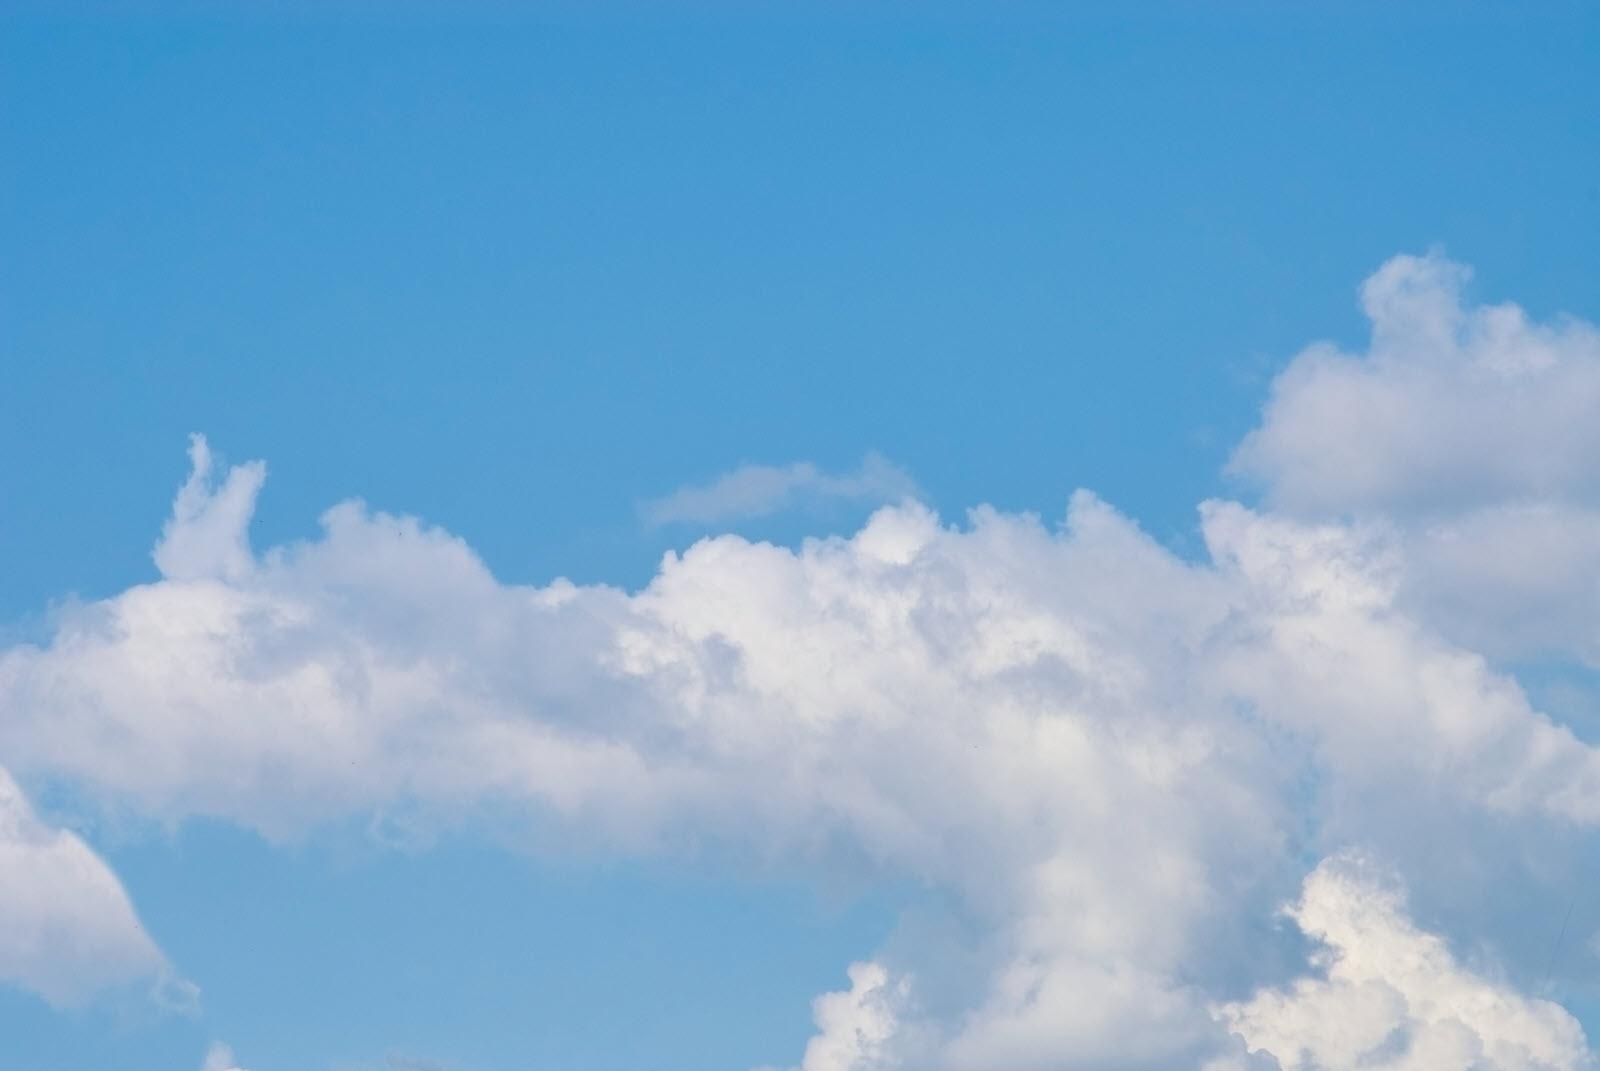 Ảnh mây đẹp nhất